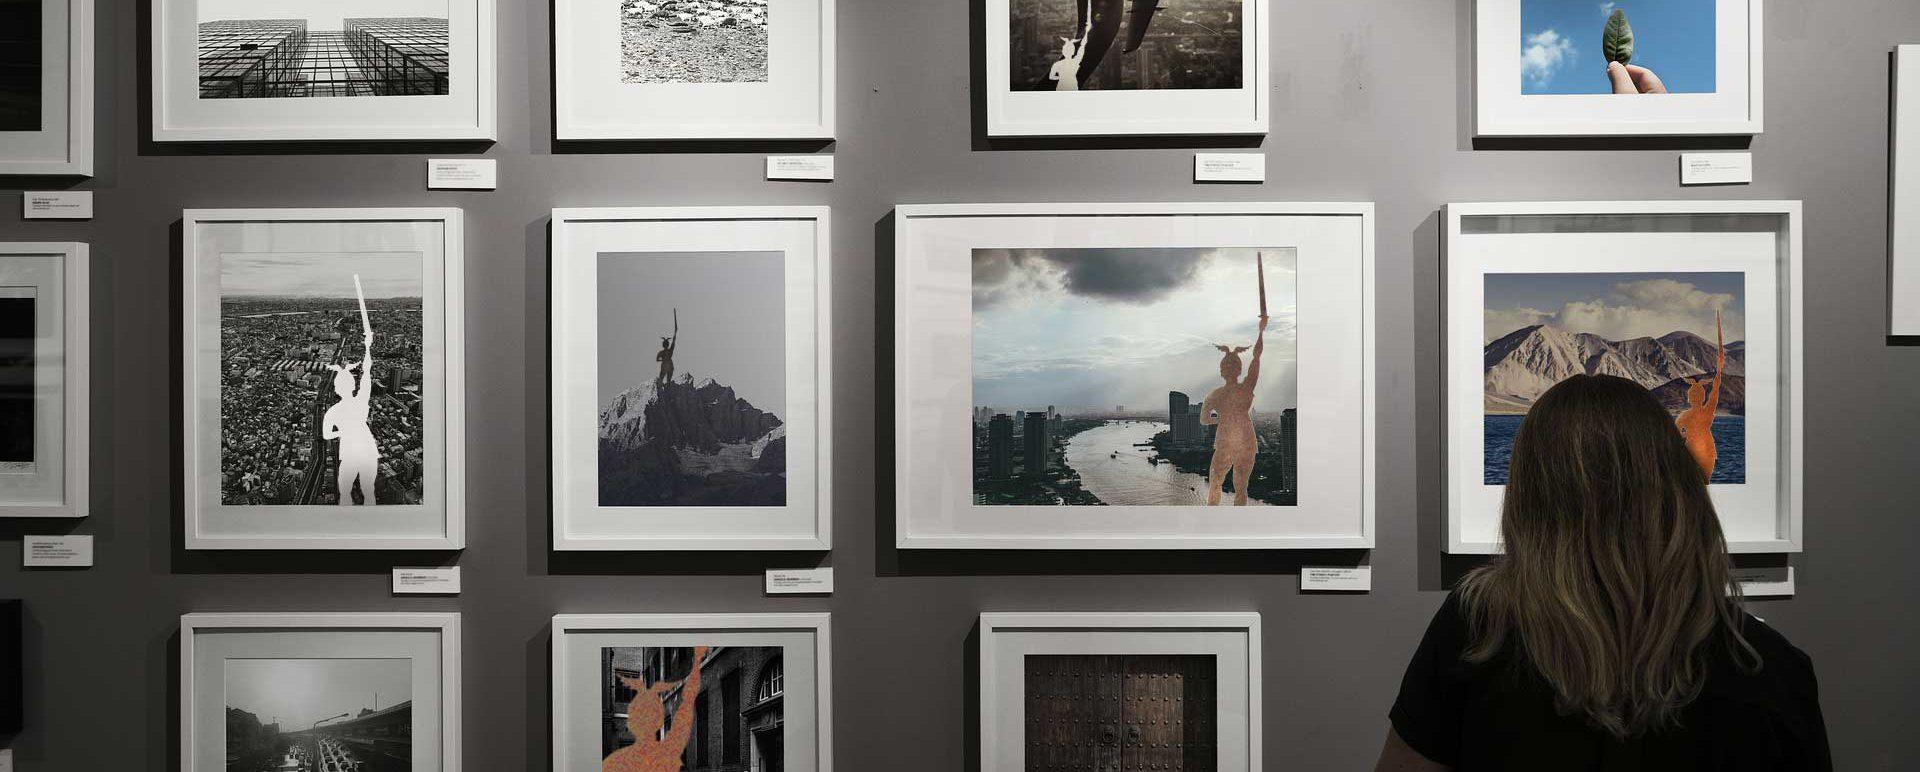 Fotogalerie im Museum mit Hermannbildern